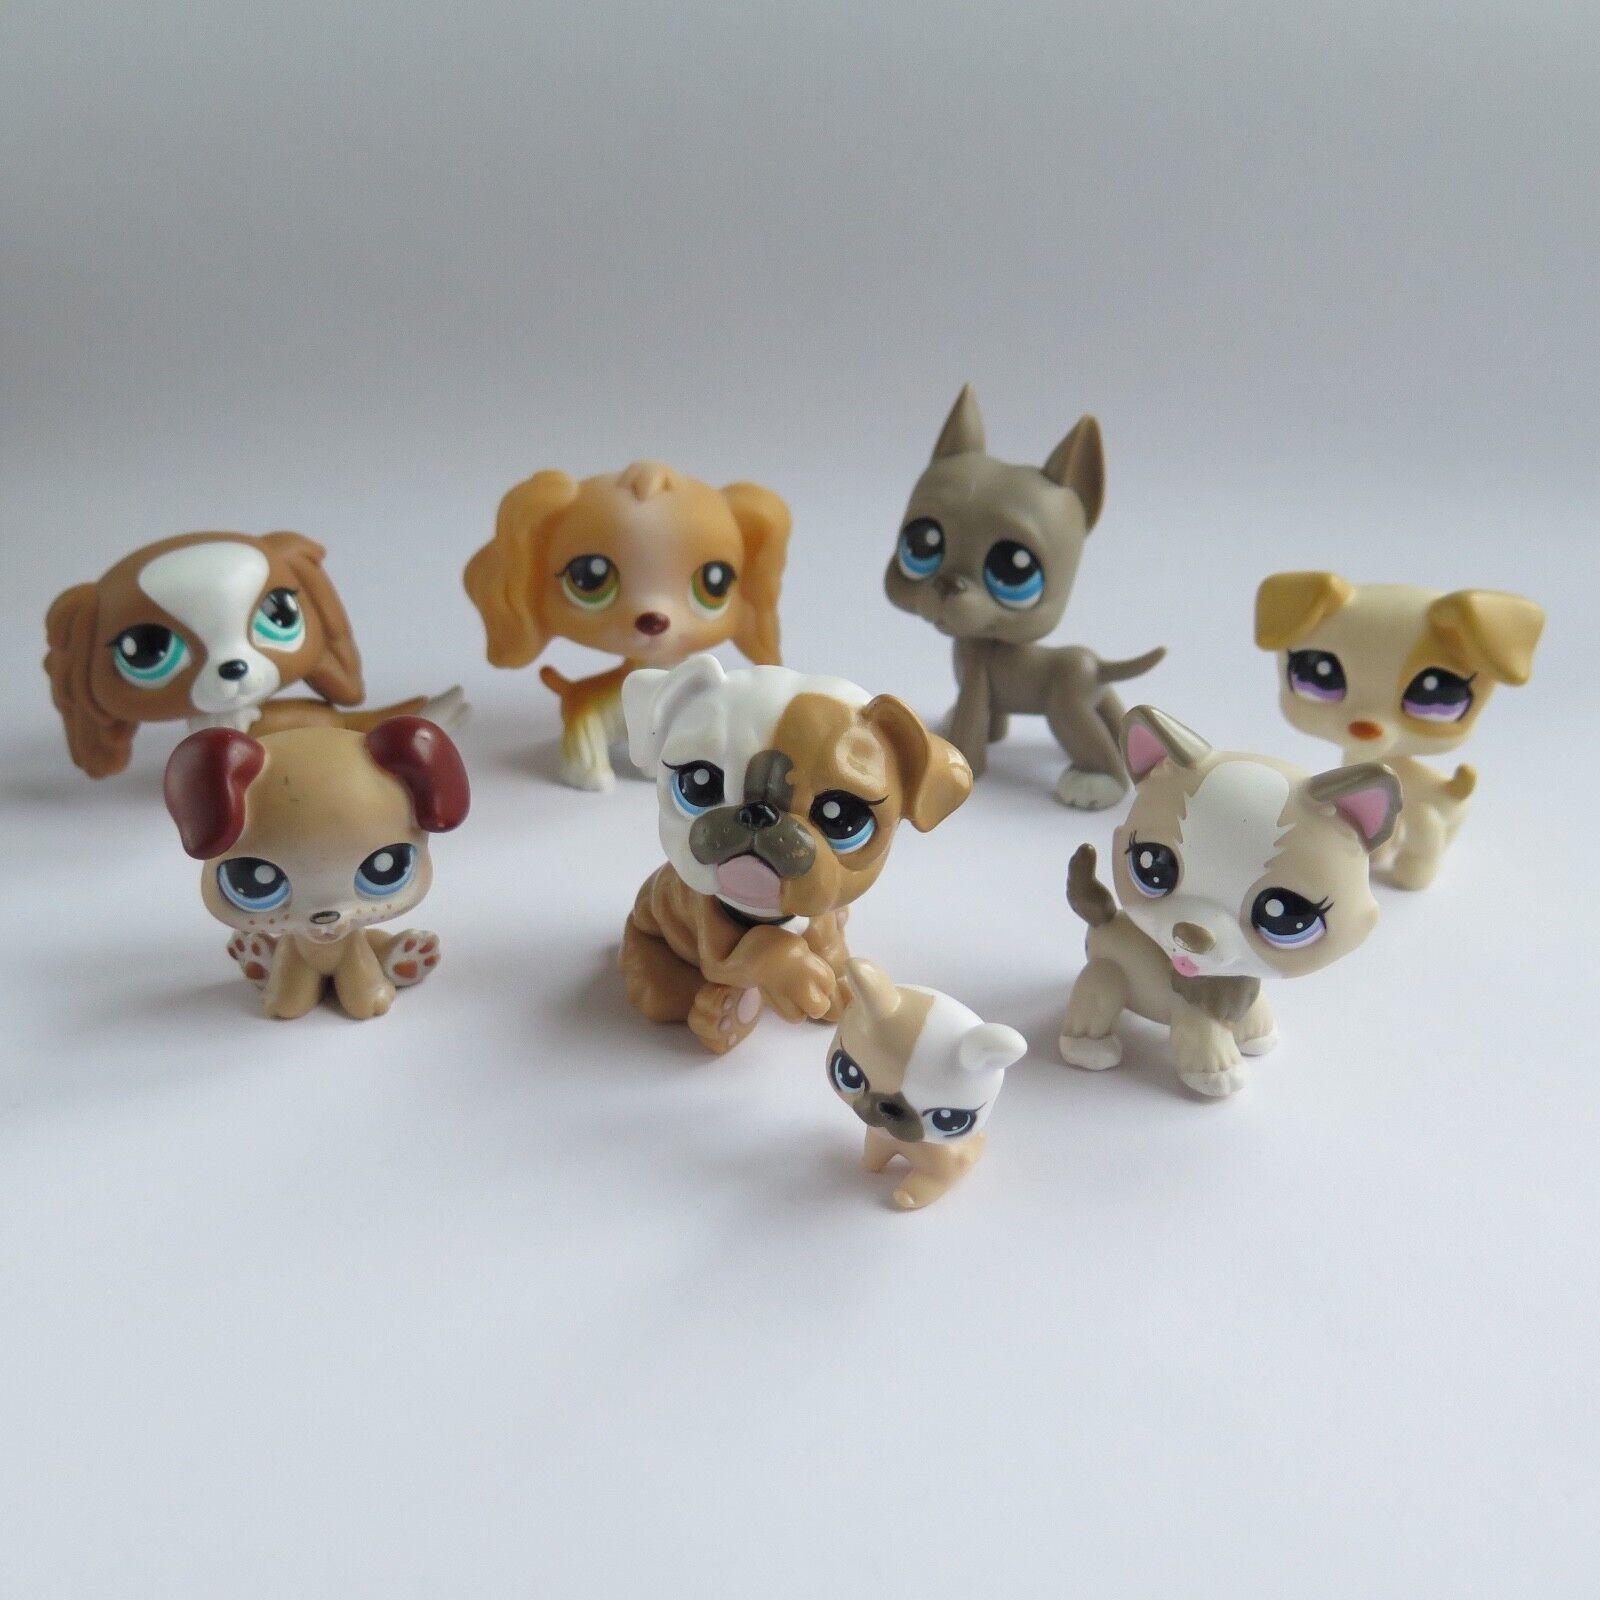 Littlest Pet Shop Lote 8 perros  79 143 184 1110 1817 1825 3587 3588 Lps Auténtico